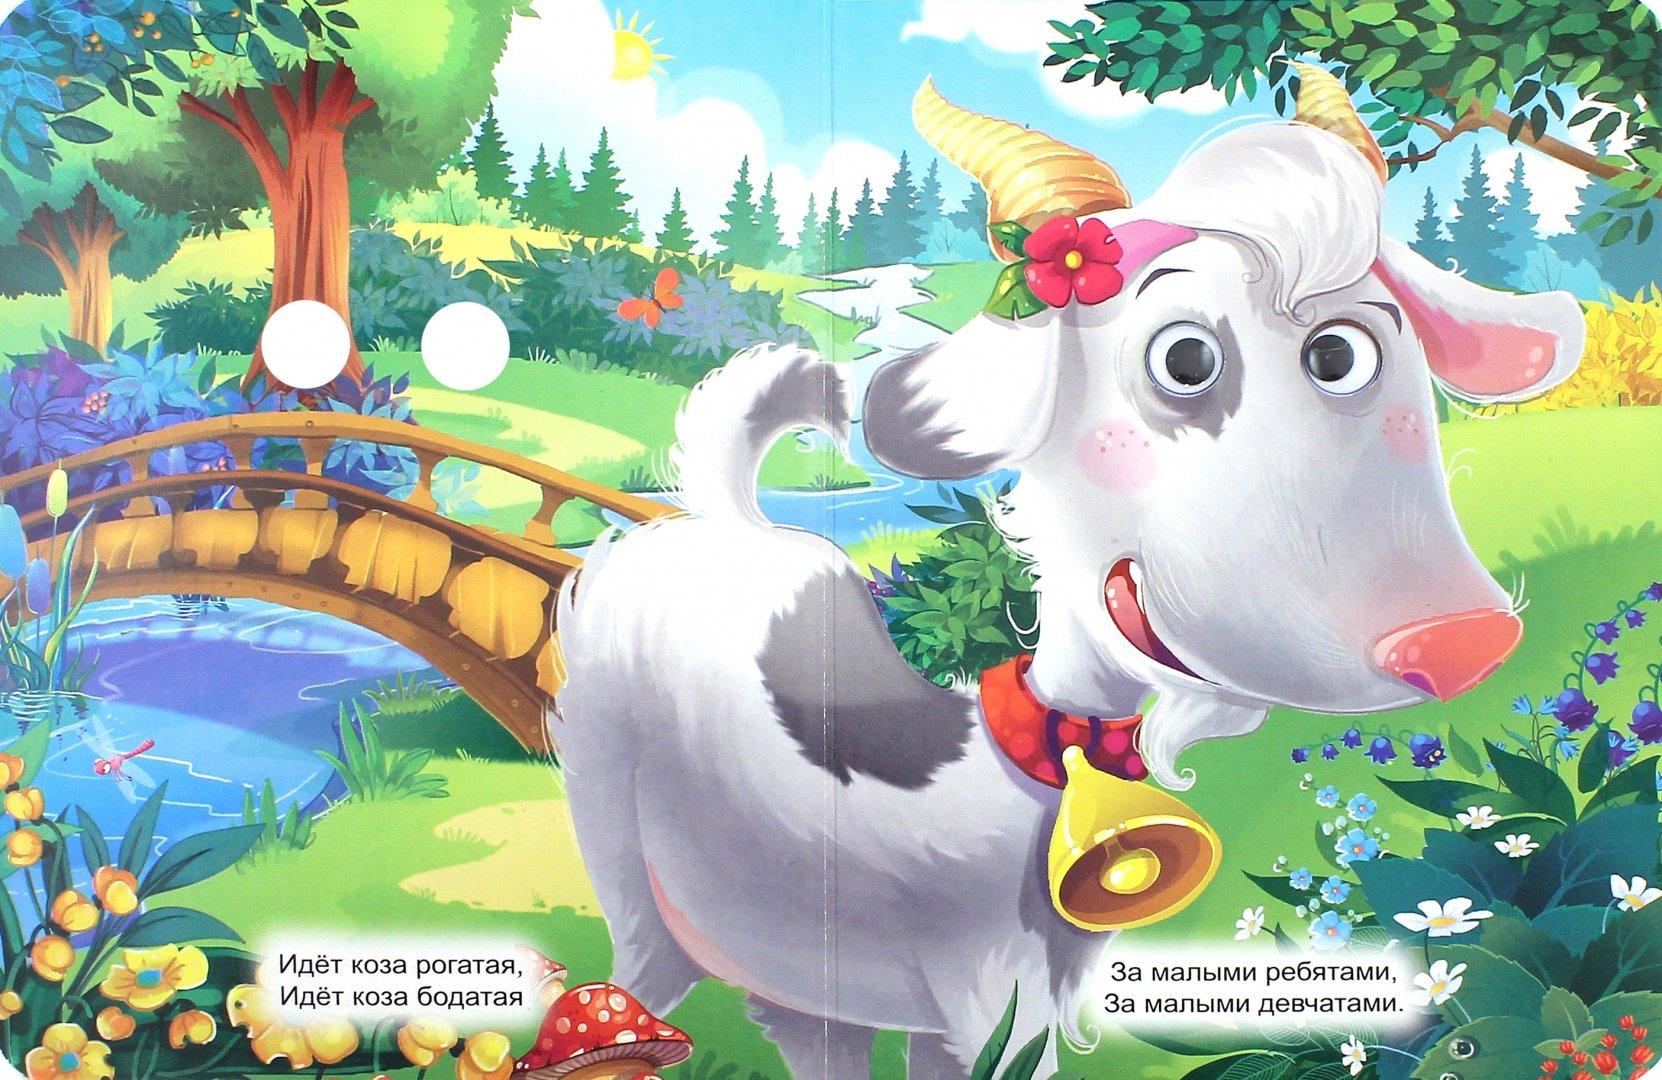 Картинки про козу для детей